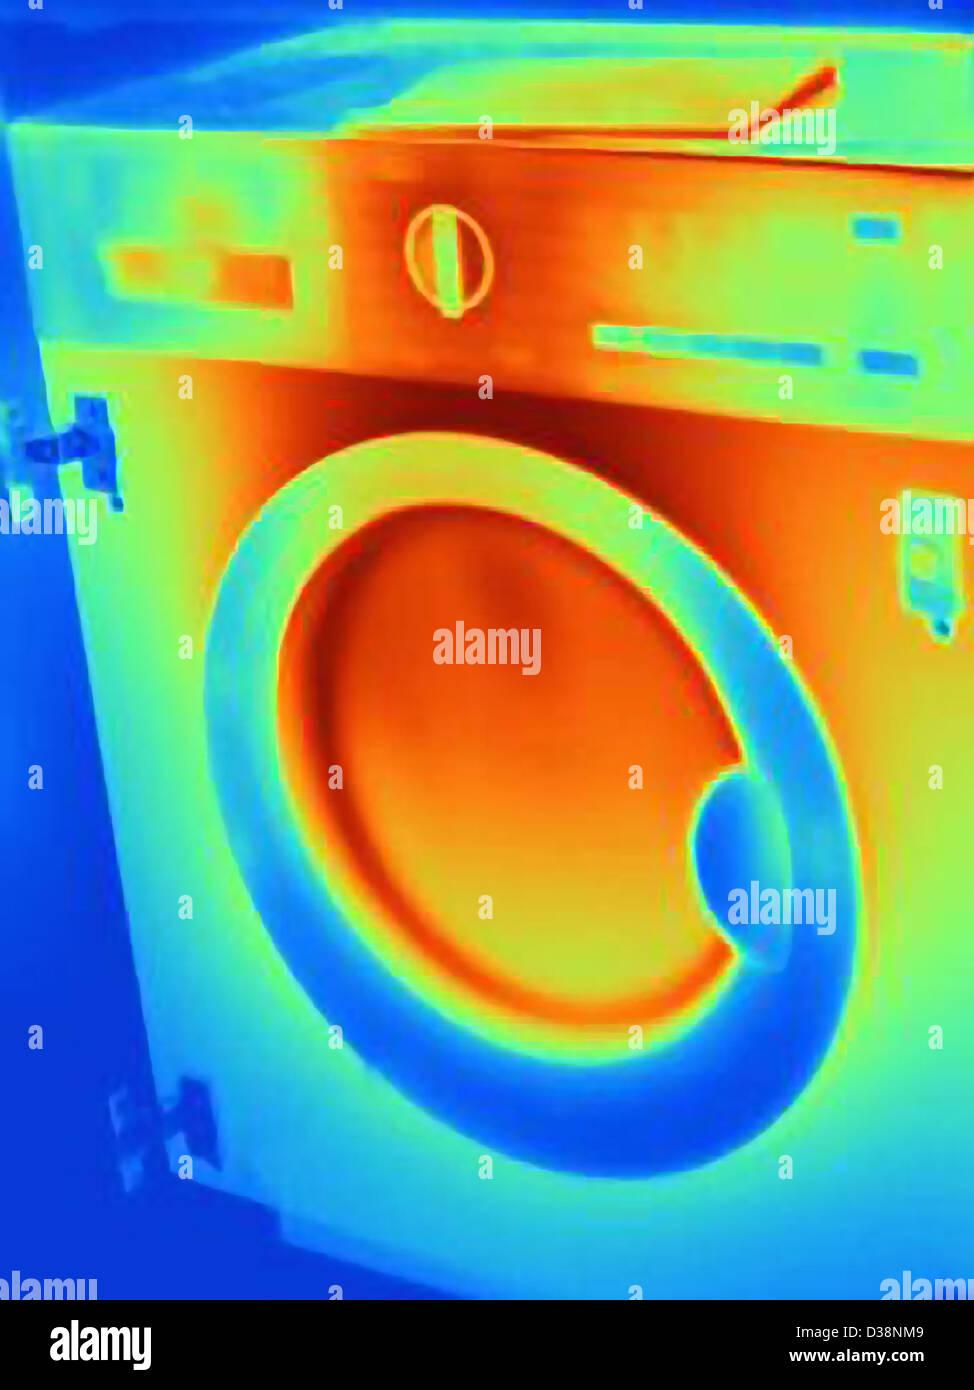 Image thermique de la machine à laver Photo Stock